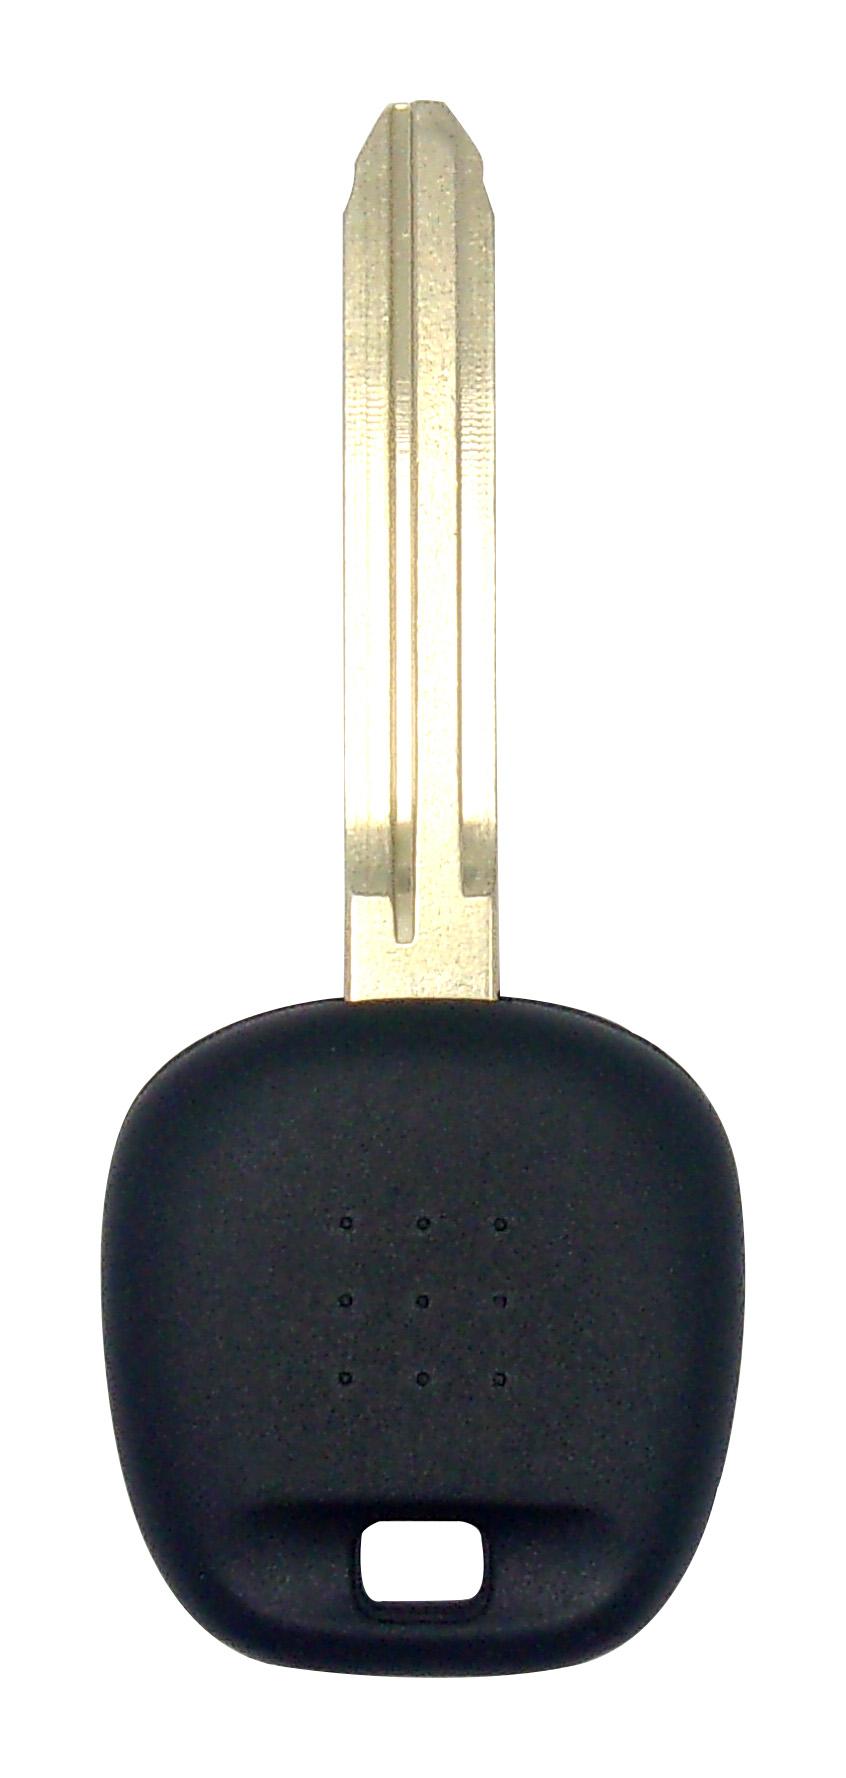 Toyota Transponder Key